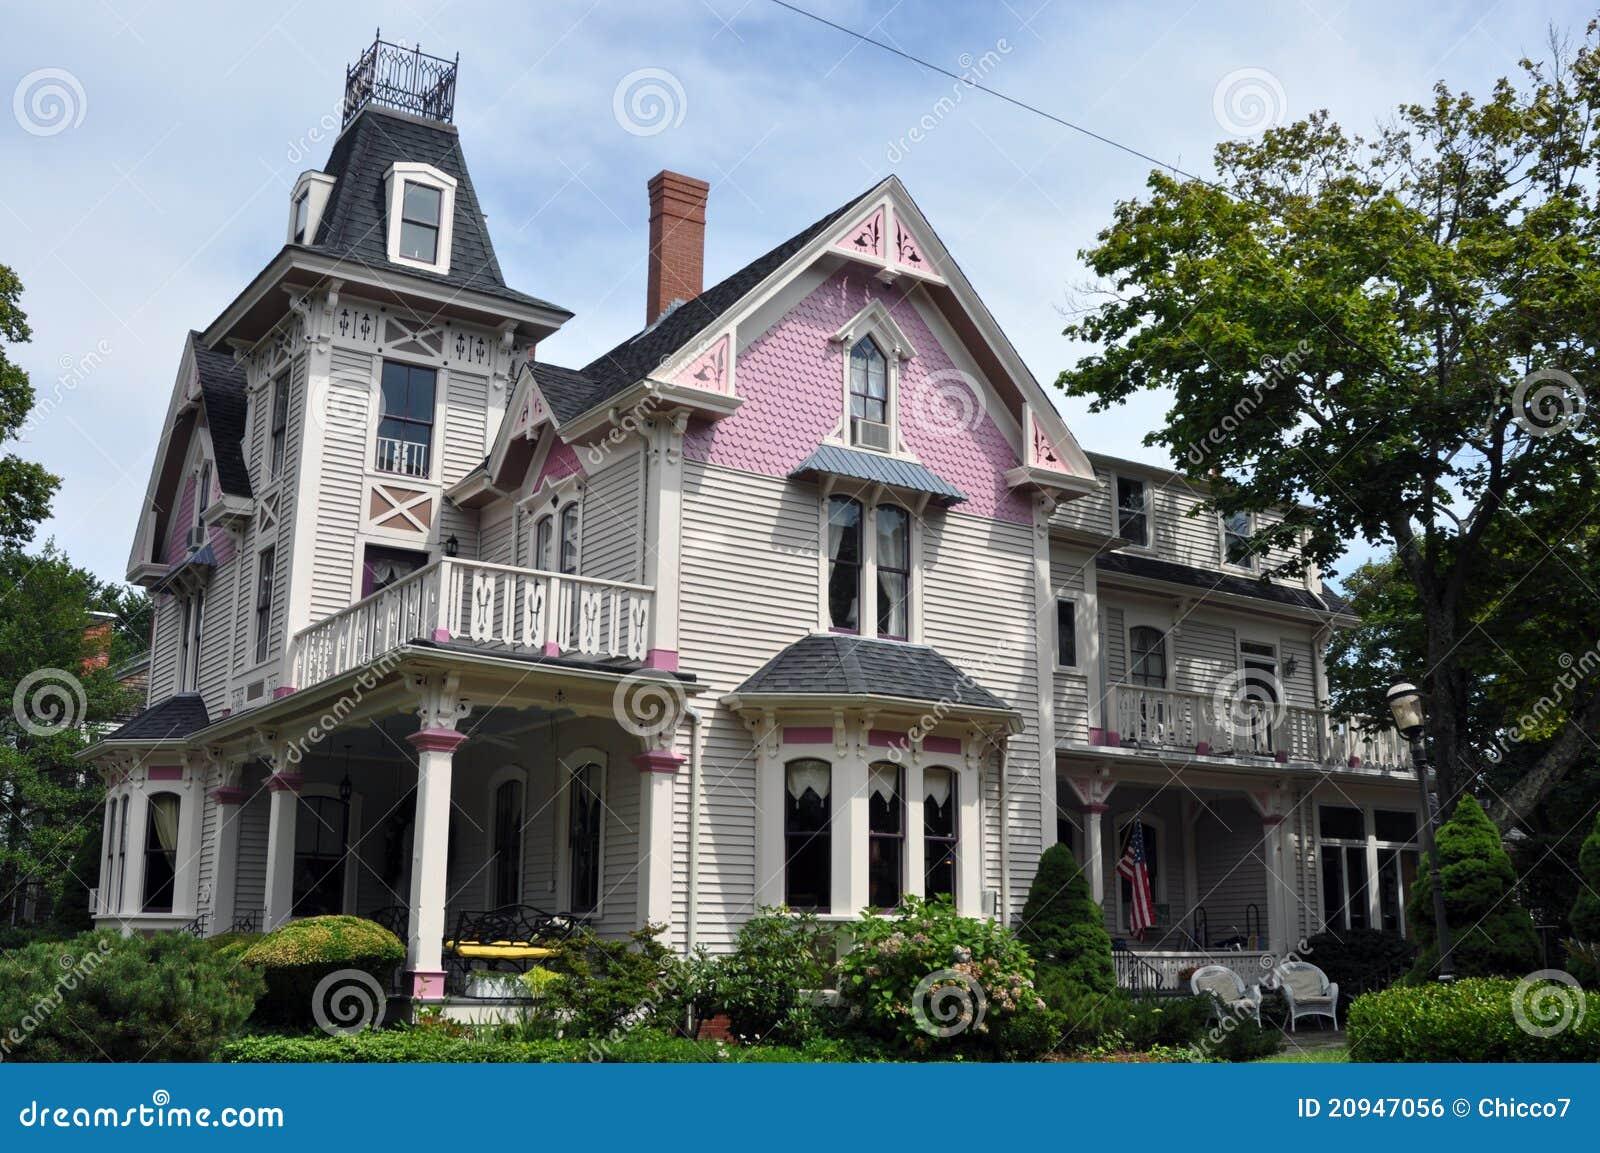 Belle maison victorienne violette et fuchsia photo stock image du nature histoire 20947056 - Maison victorienne ...